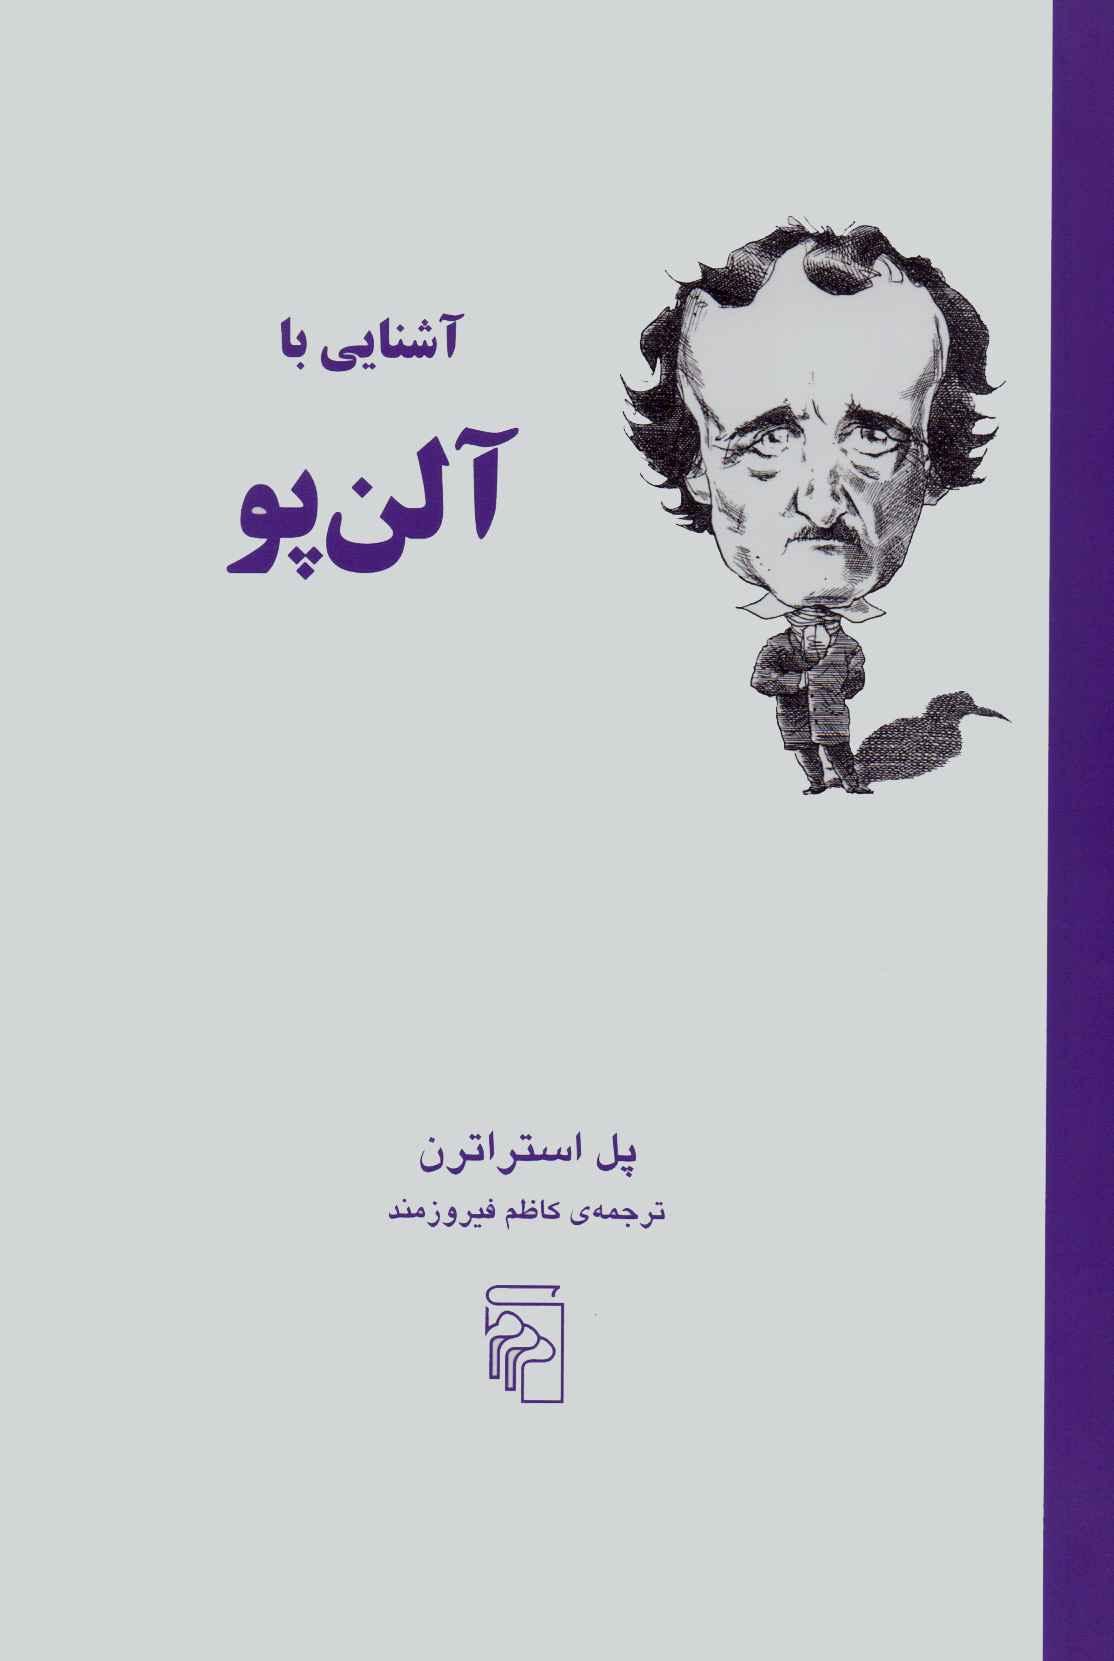 کتاب آشنایی با آلن پو